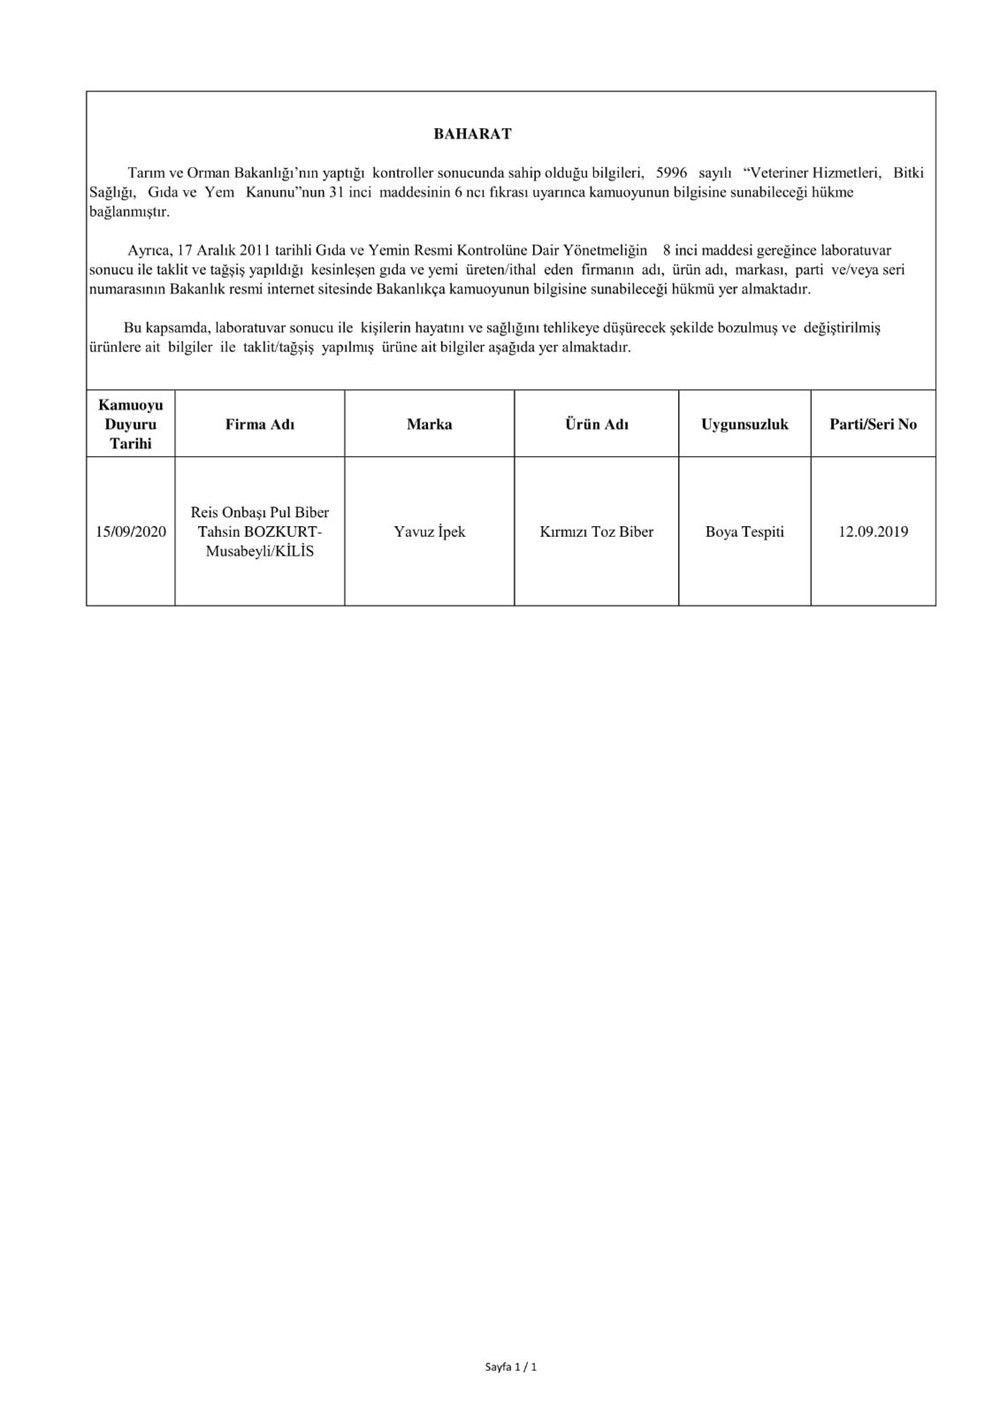 Tarım ve Orman Bakanlığı hileli gıdaların listesini tek tek açıkladı - Sayfa 4